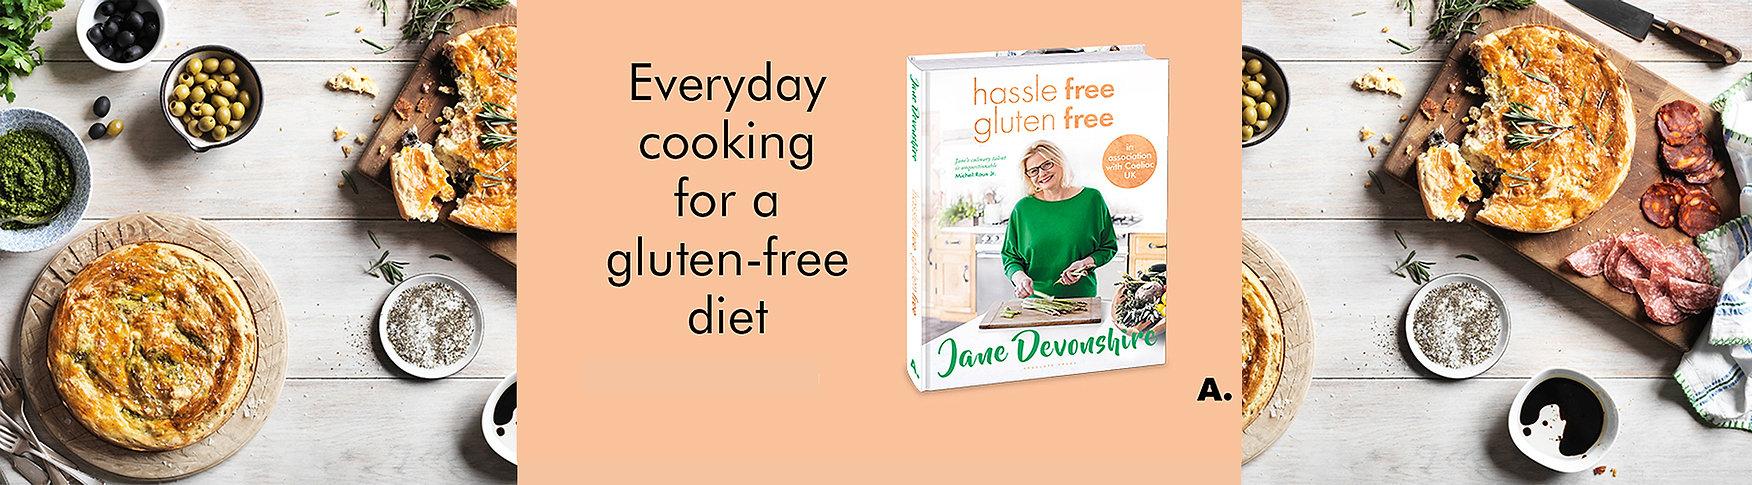 Jane Devonshire Hassle Free Gluten Free